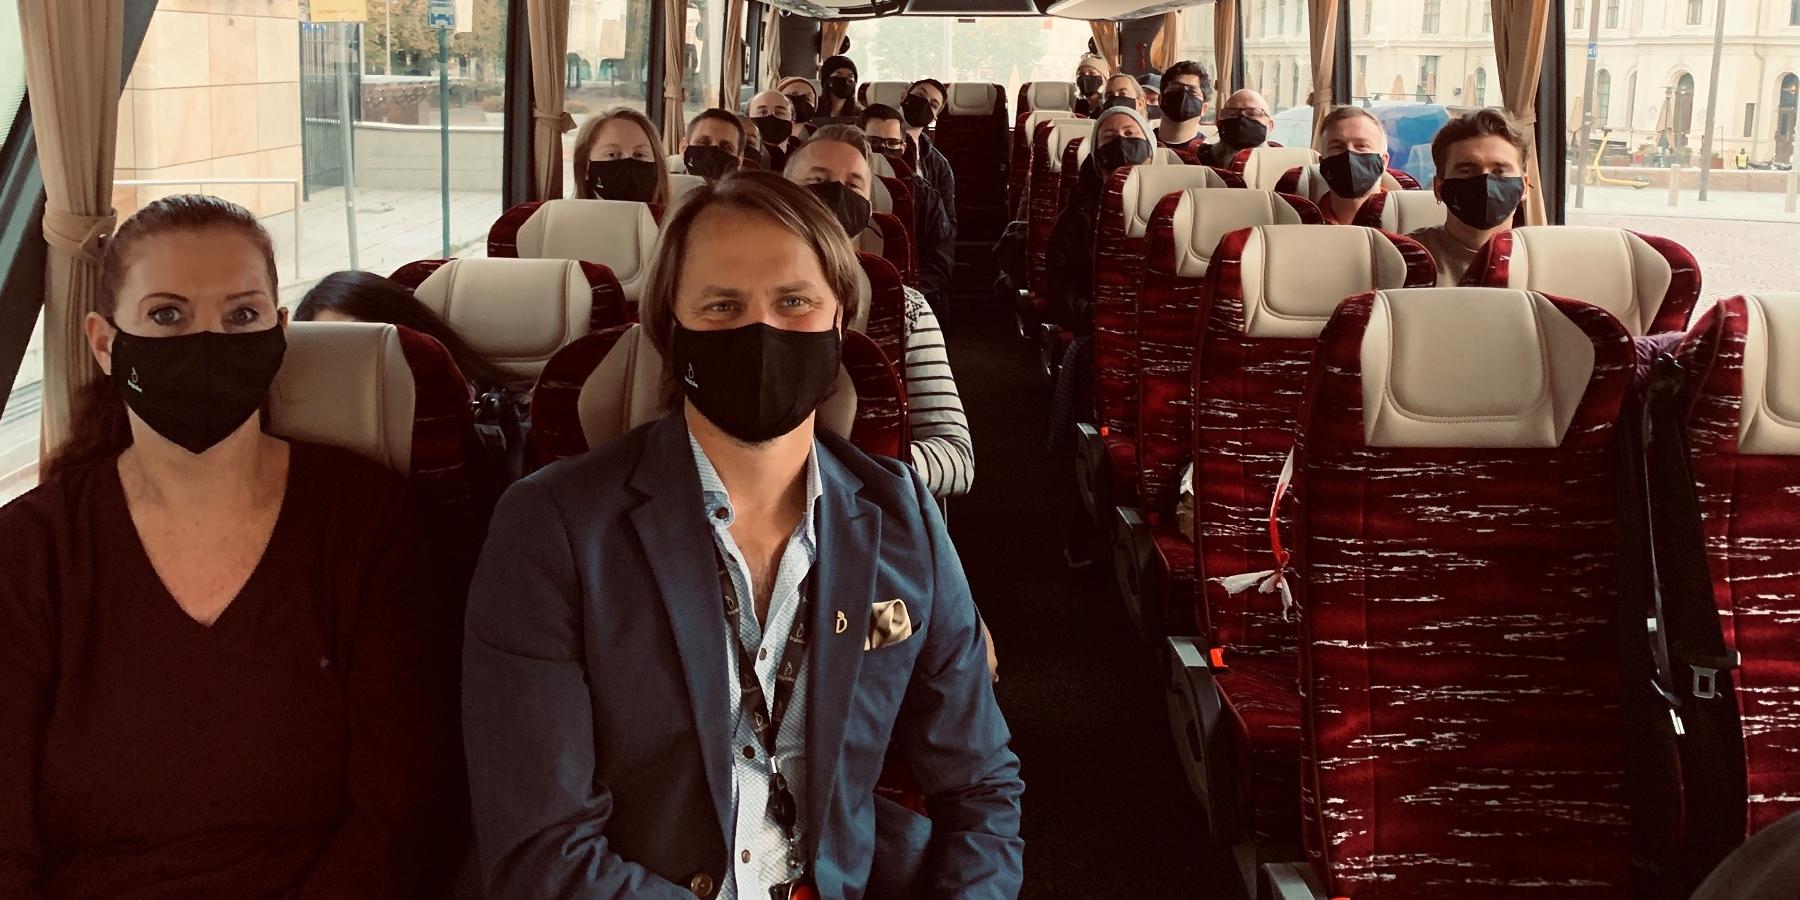 bspoke på bussen til strategisamling i Kragerø